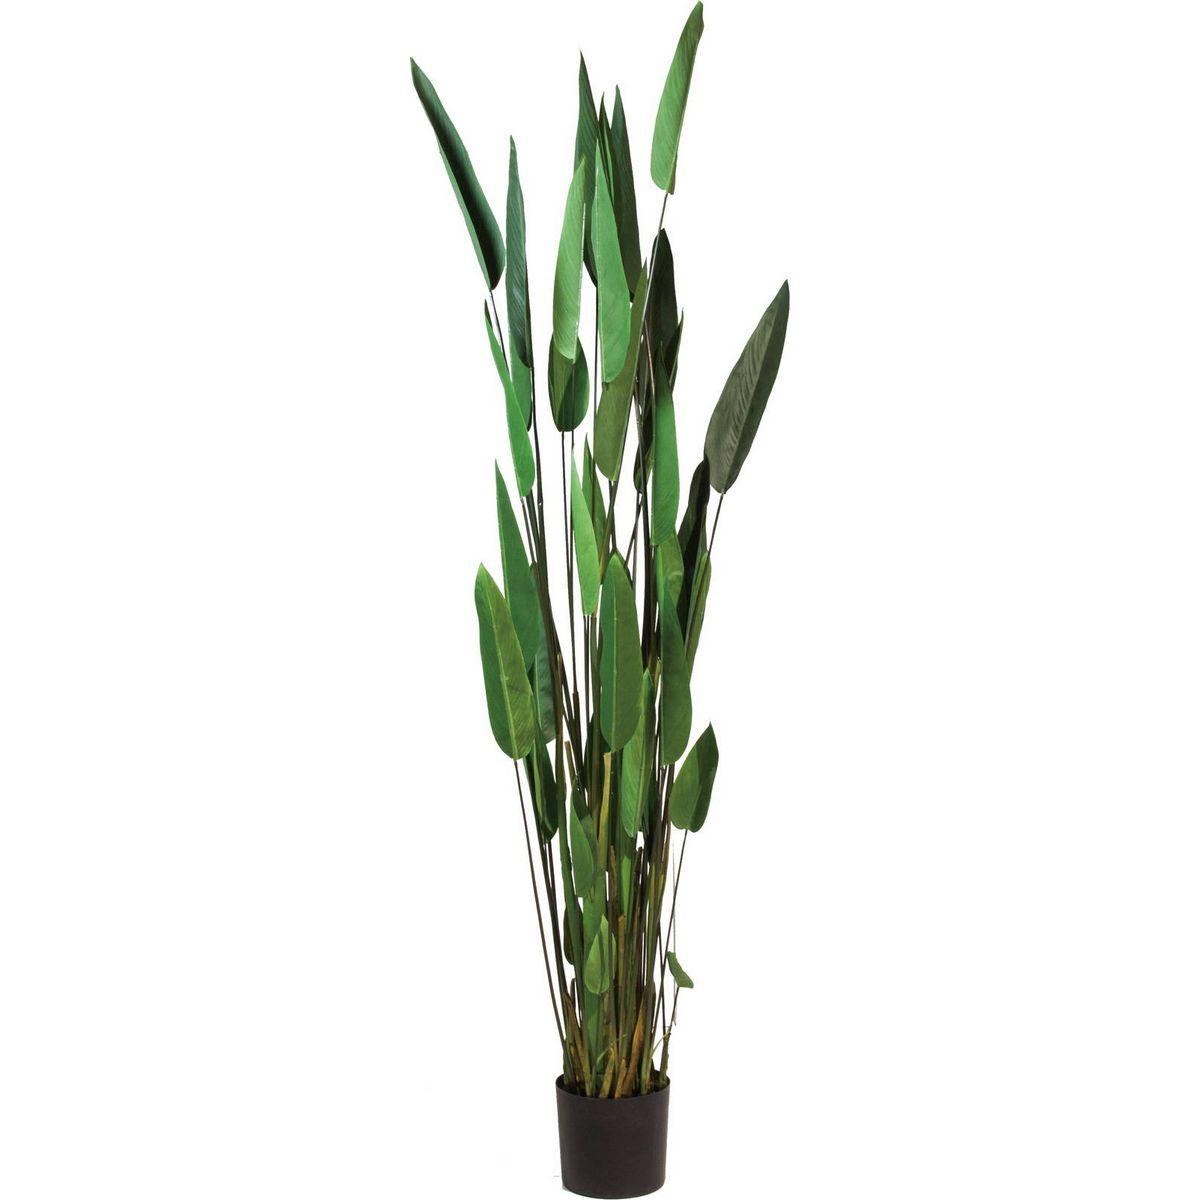 【直送】【人工観葉植物】YDM/カンナ/GLP-1513 ※返品・代引不可【01】《 造花(人工観葉植物) 人工観葉植物「か行」 その他「か行」人工観葉植物 》